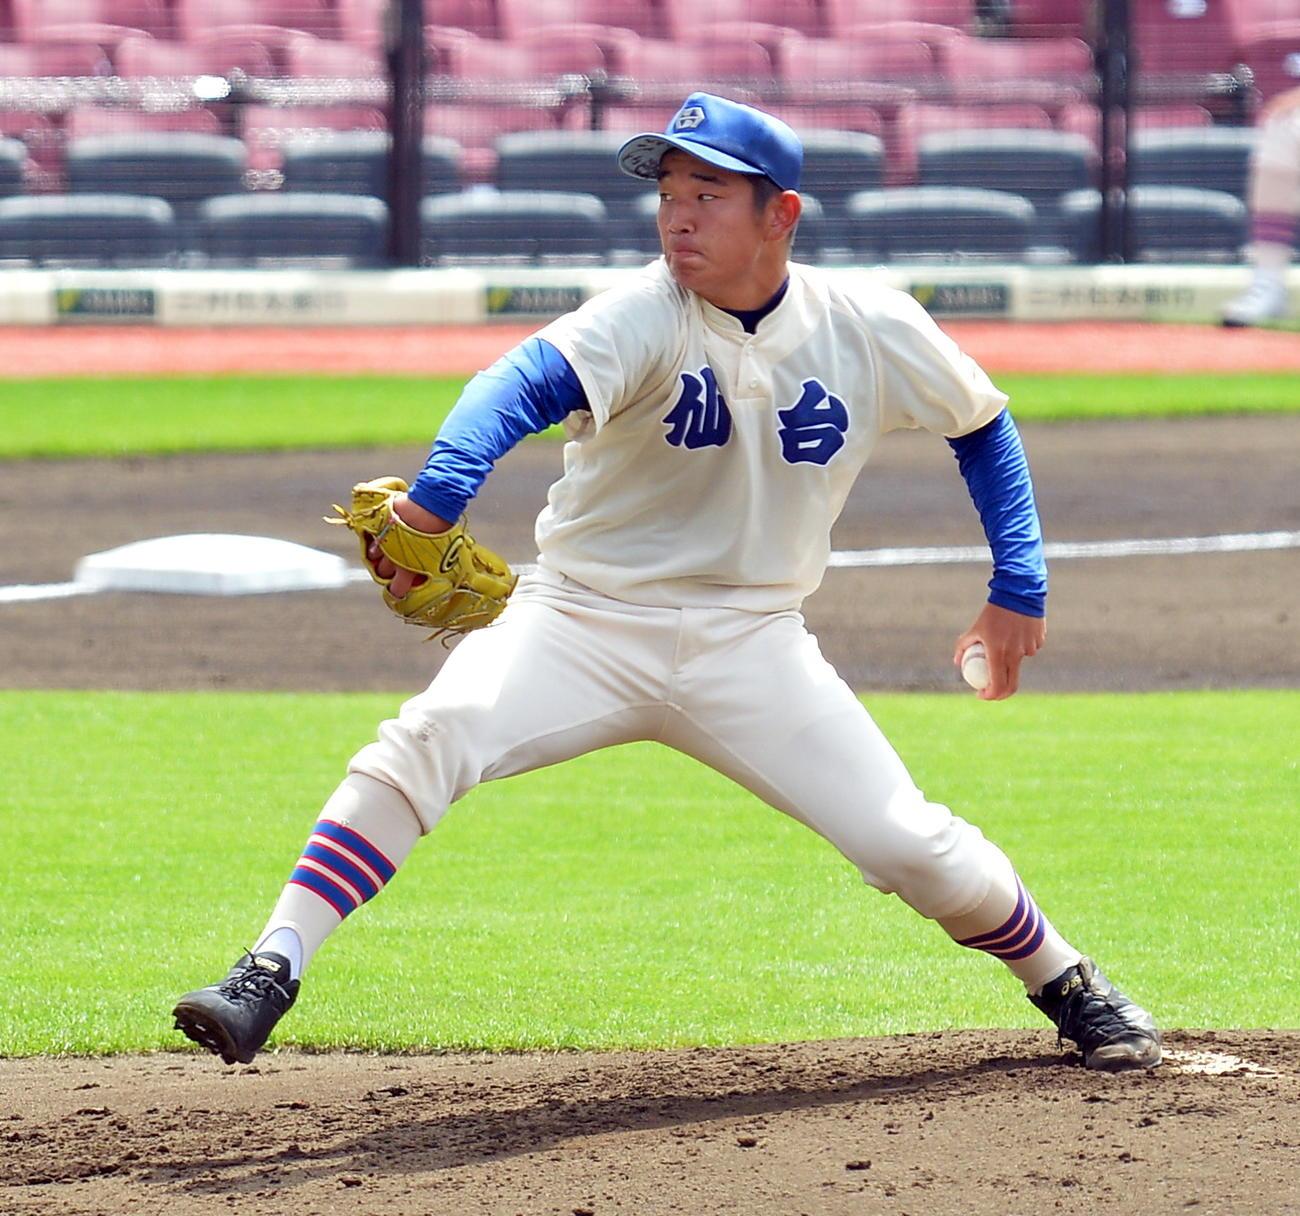 昨年8月1日、宮城県独自大会決勝の仙台育英戦で160球を投げて完投した仙台・鎌田